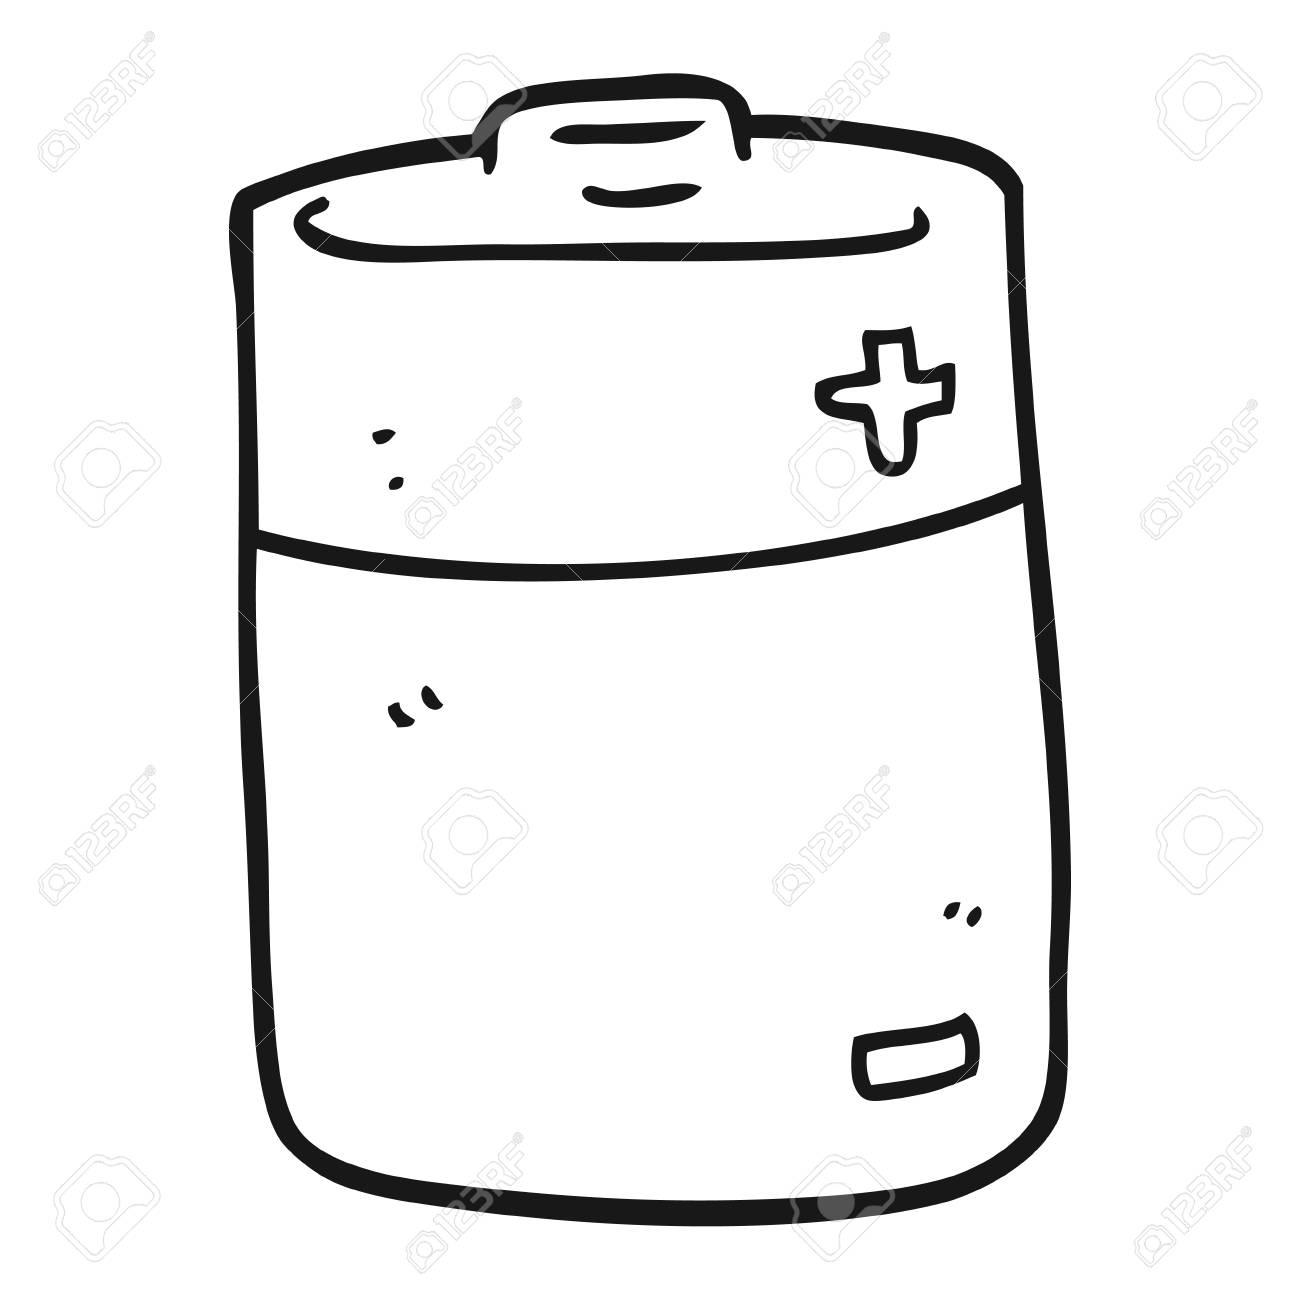 Dibujado A Mano Alzada De La Batería En Blanco Y Negro De Dibujos Animados